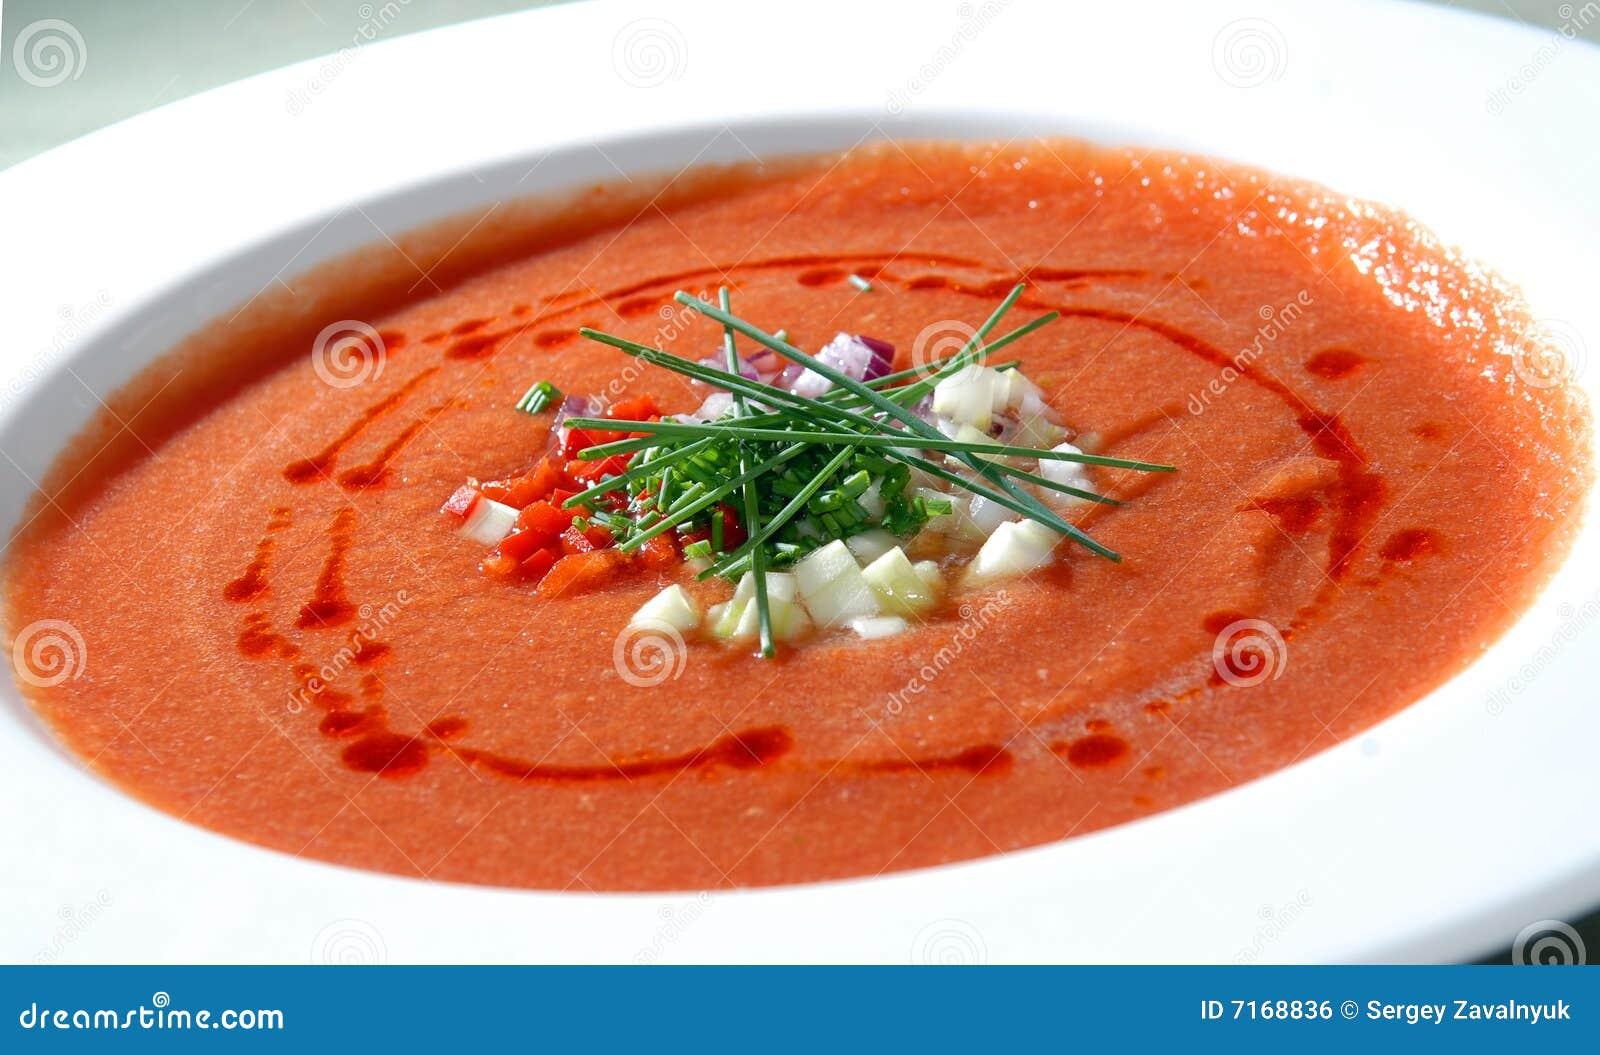 le gaspacho espagnol de potage de tomate image libre de droits image 7168836. Black Bedroom Furniture Sets. Home Design Ideas